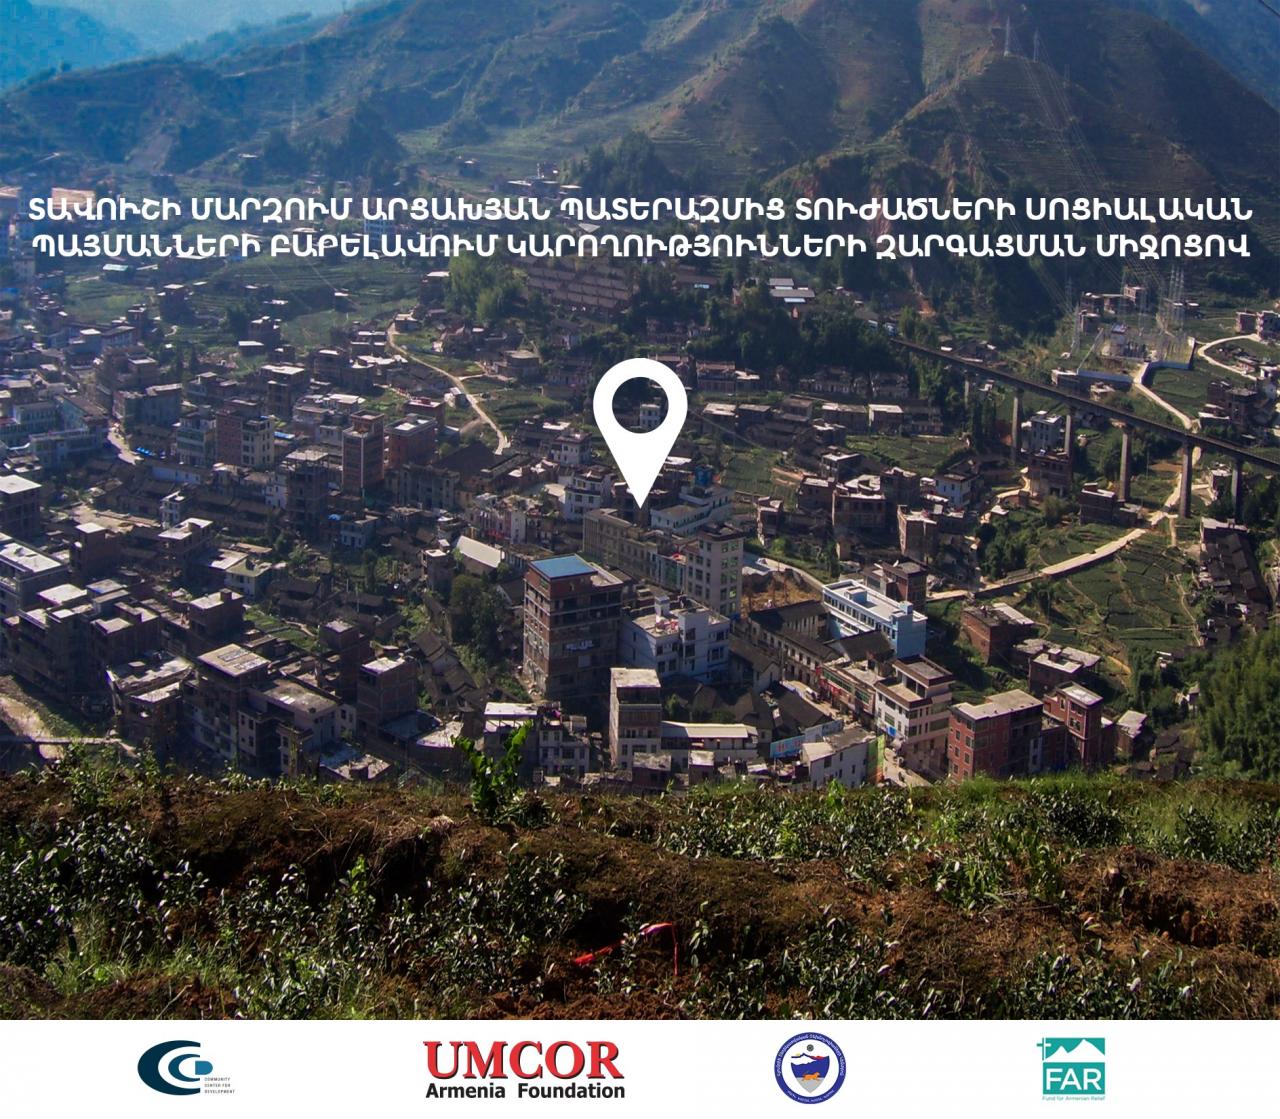 Կրթությամբ կյանքը փոխելուն ուղղված ծրագիր Տավուշի մարզում՝ 2020 թվականի Արցախի պատերազմից տուժածների համար